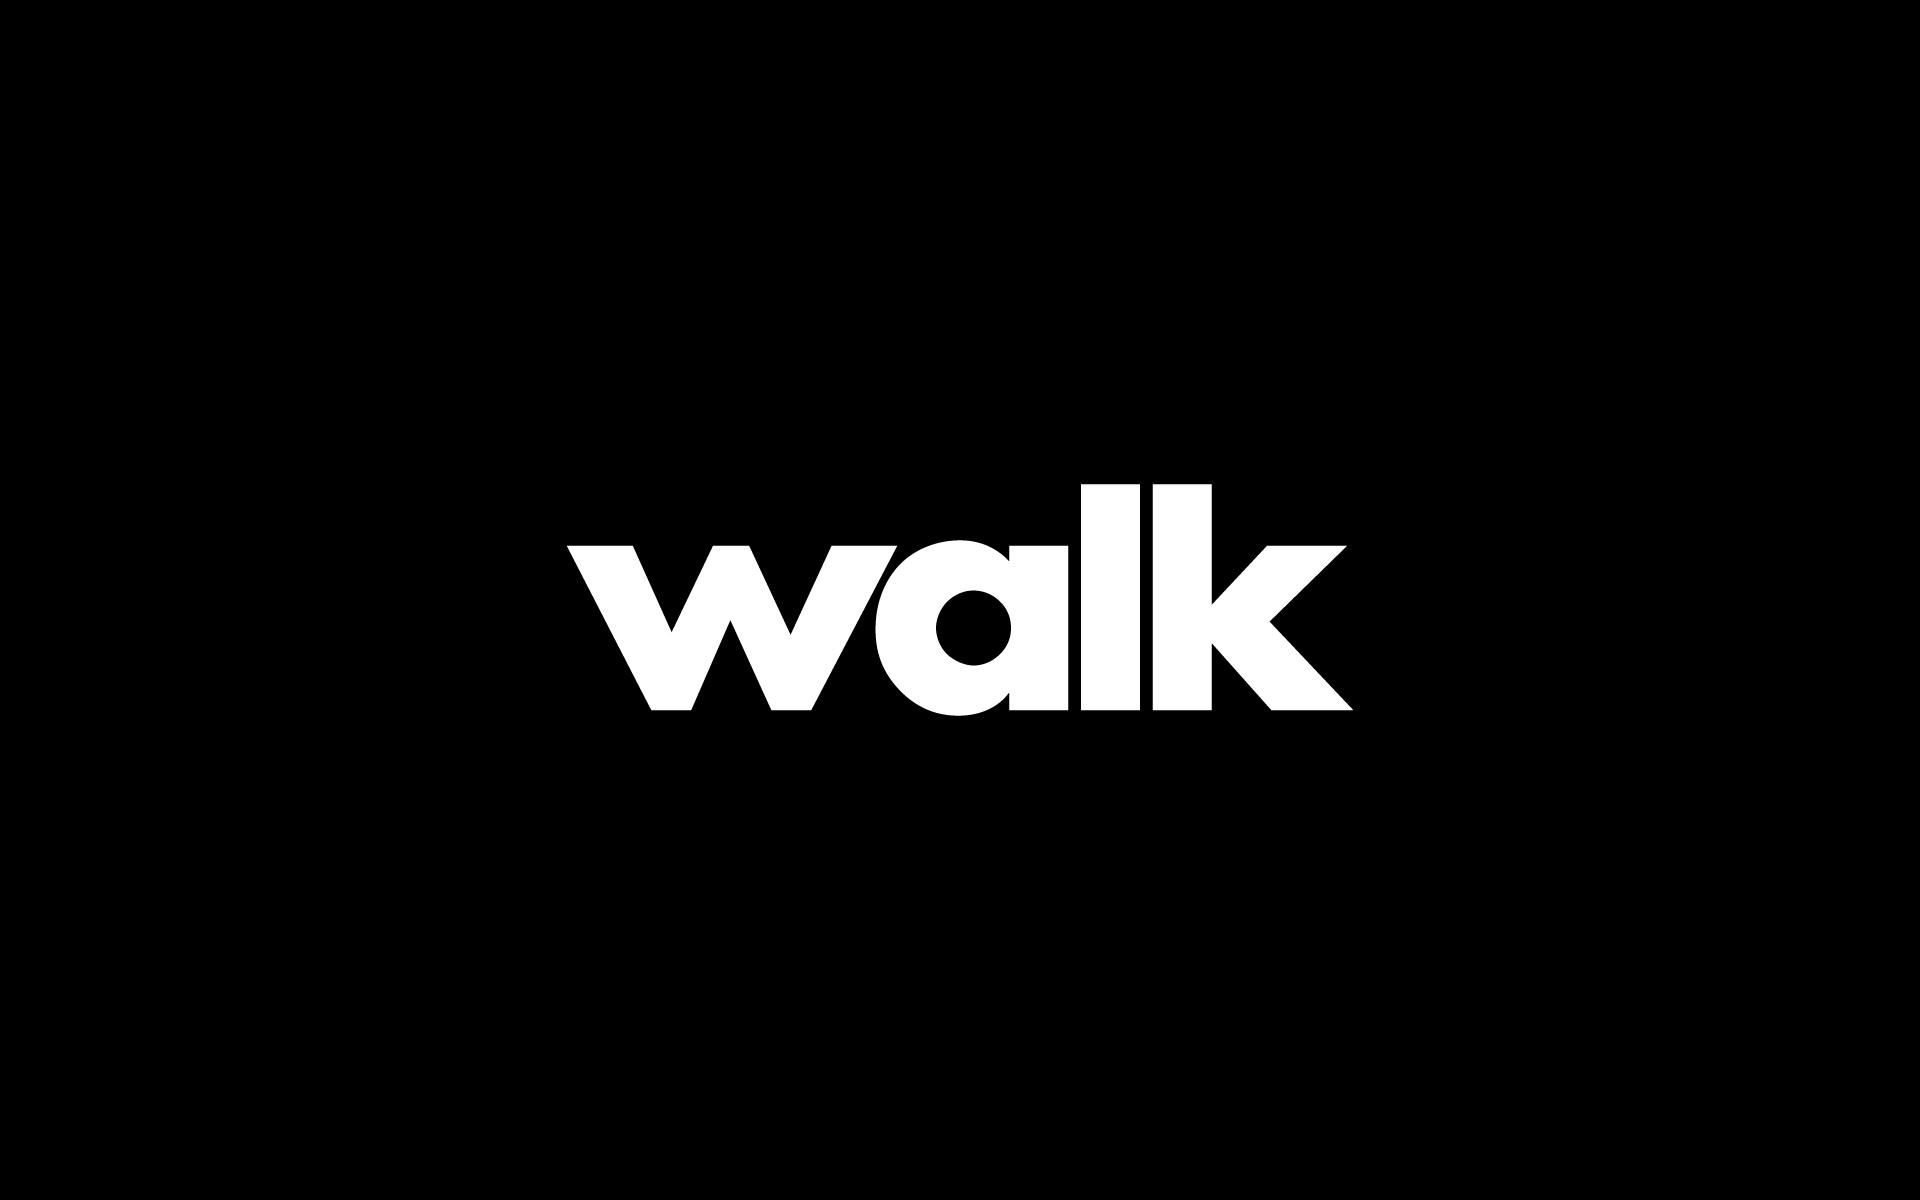 Logo-and-Brandmark-Designs-3.jpg